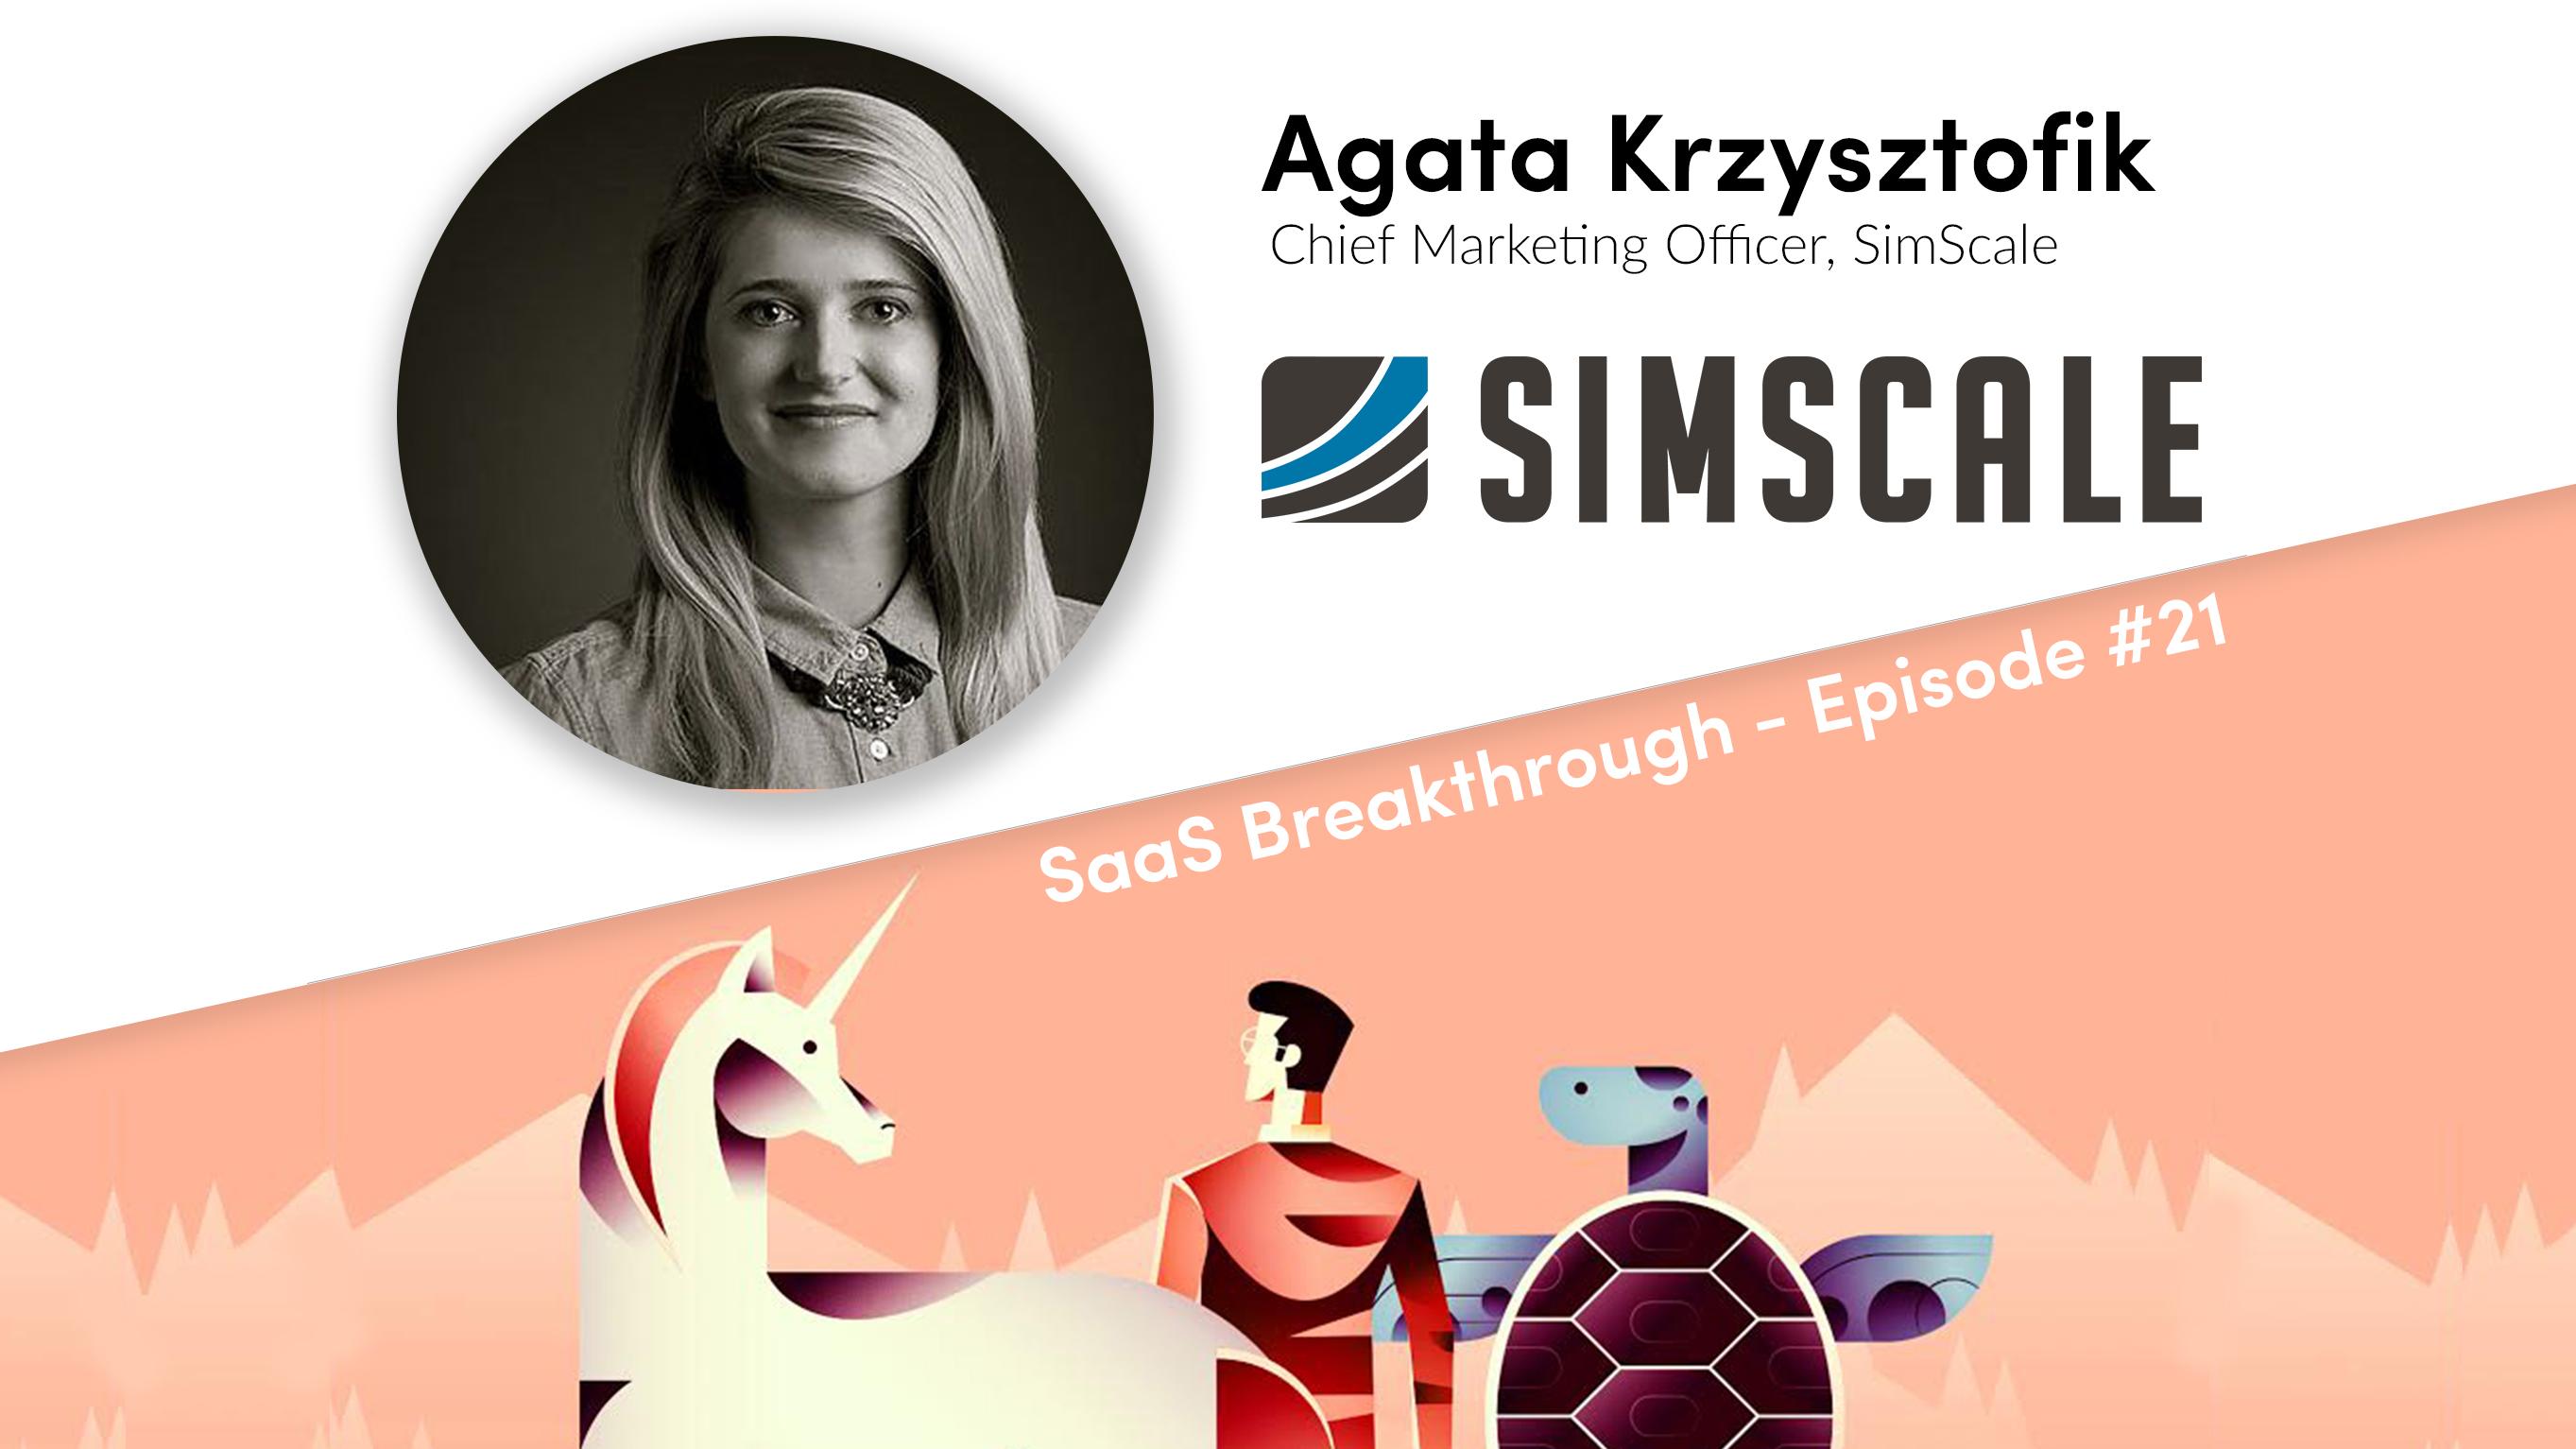 SaaS Breakthrough - Featuring Agata Krzysztofik - The Demio Blog